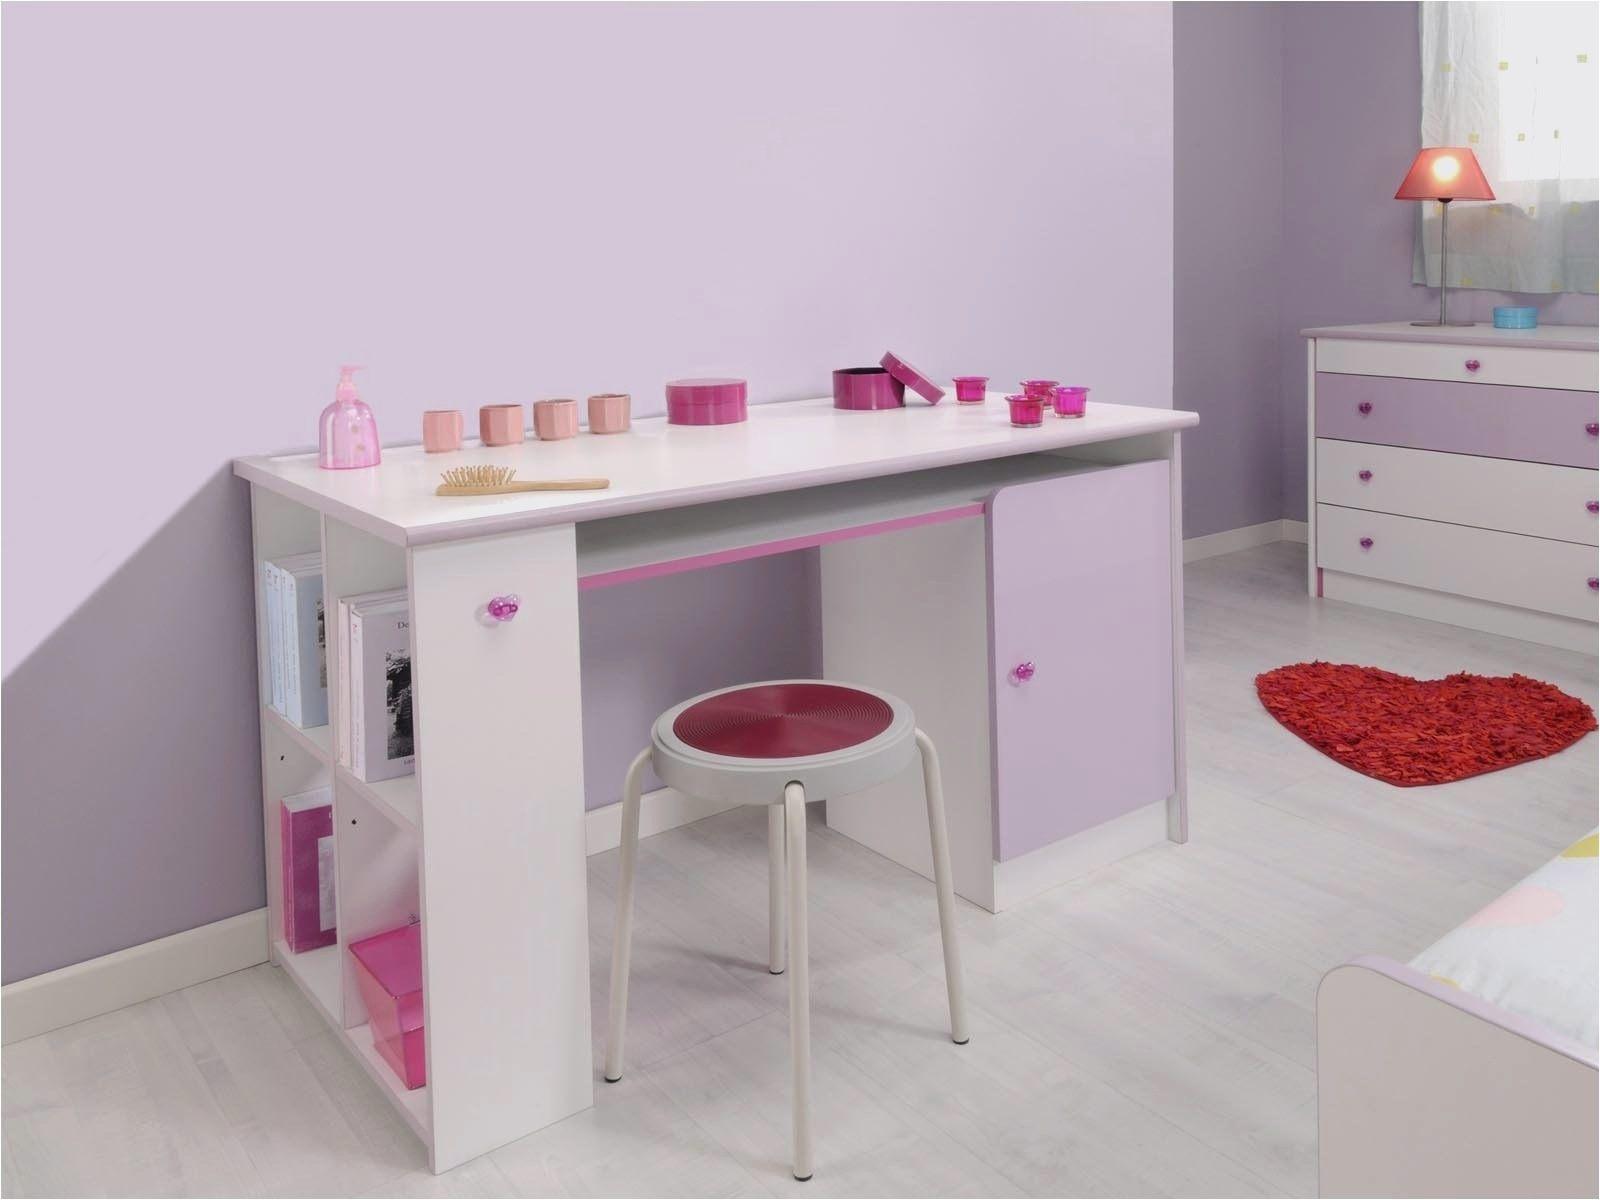 Lit Enfant Maison Inspirant Bureau Garcon Decoration De Bureau Maison Luxe Bureau Enfant Fait